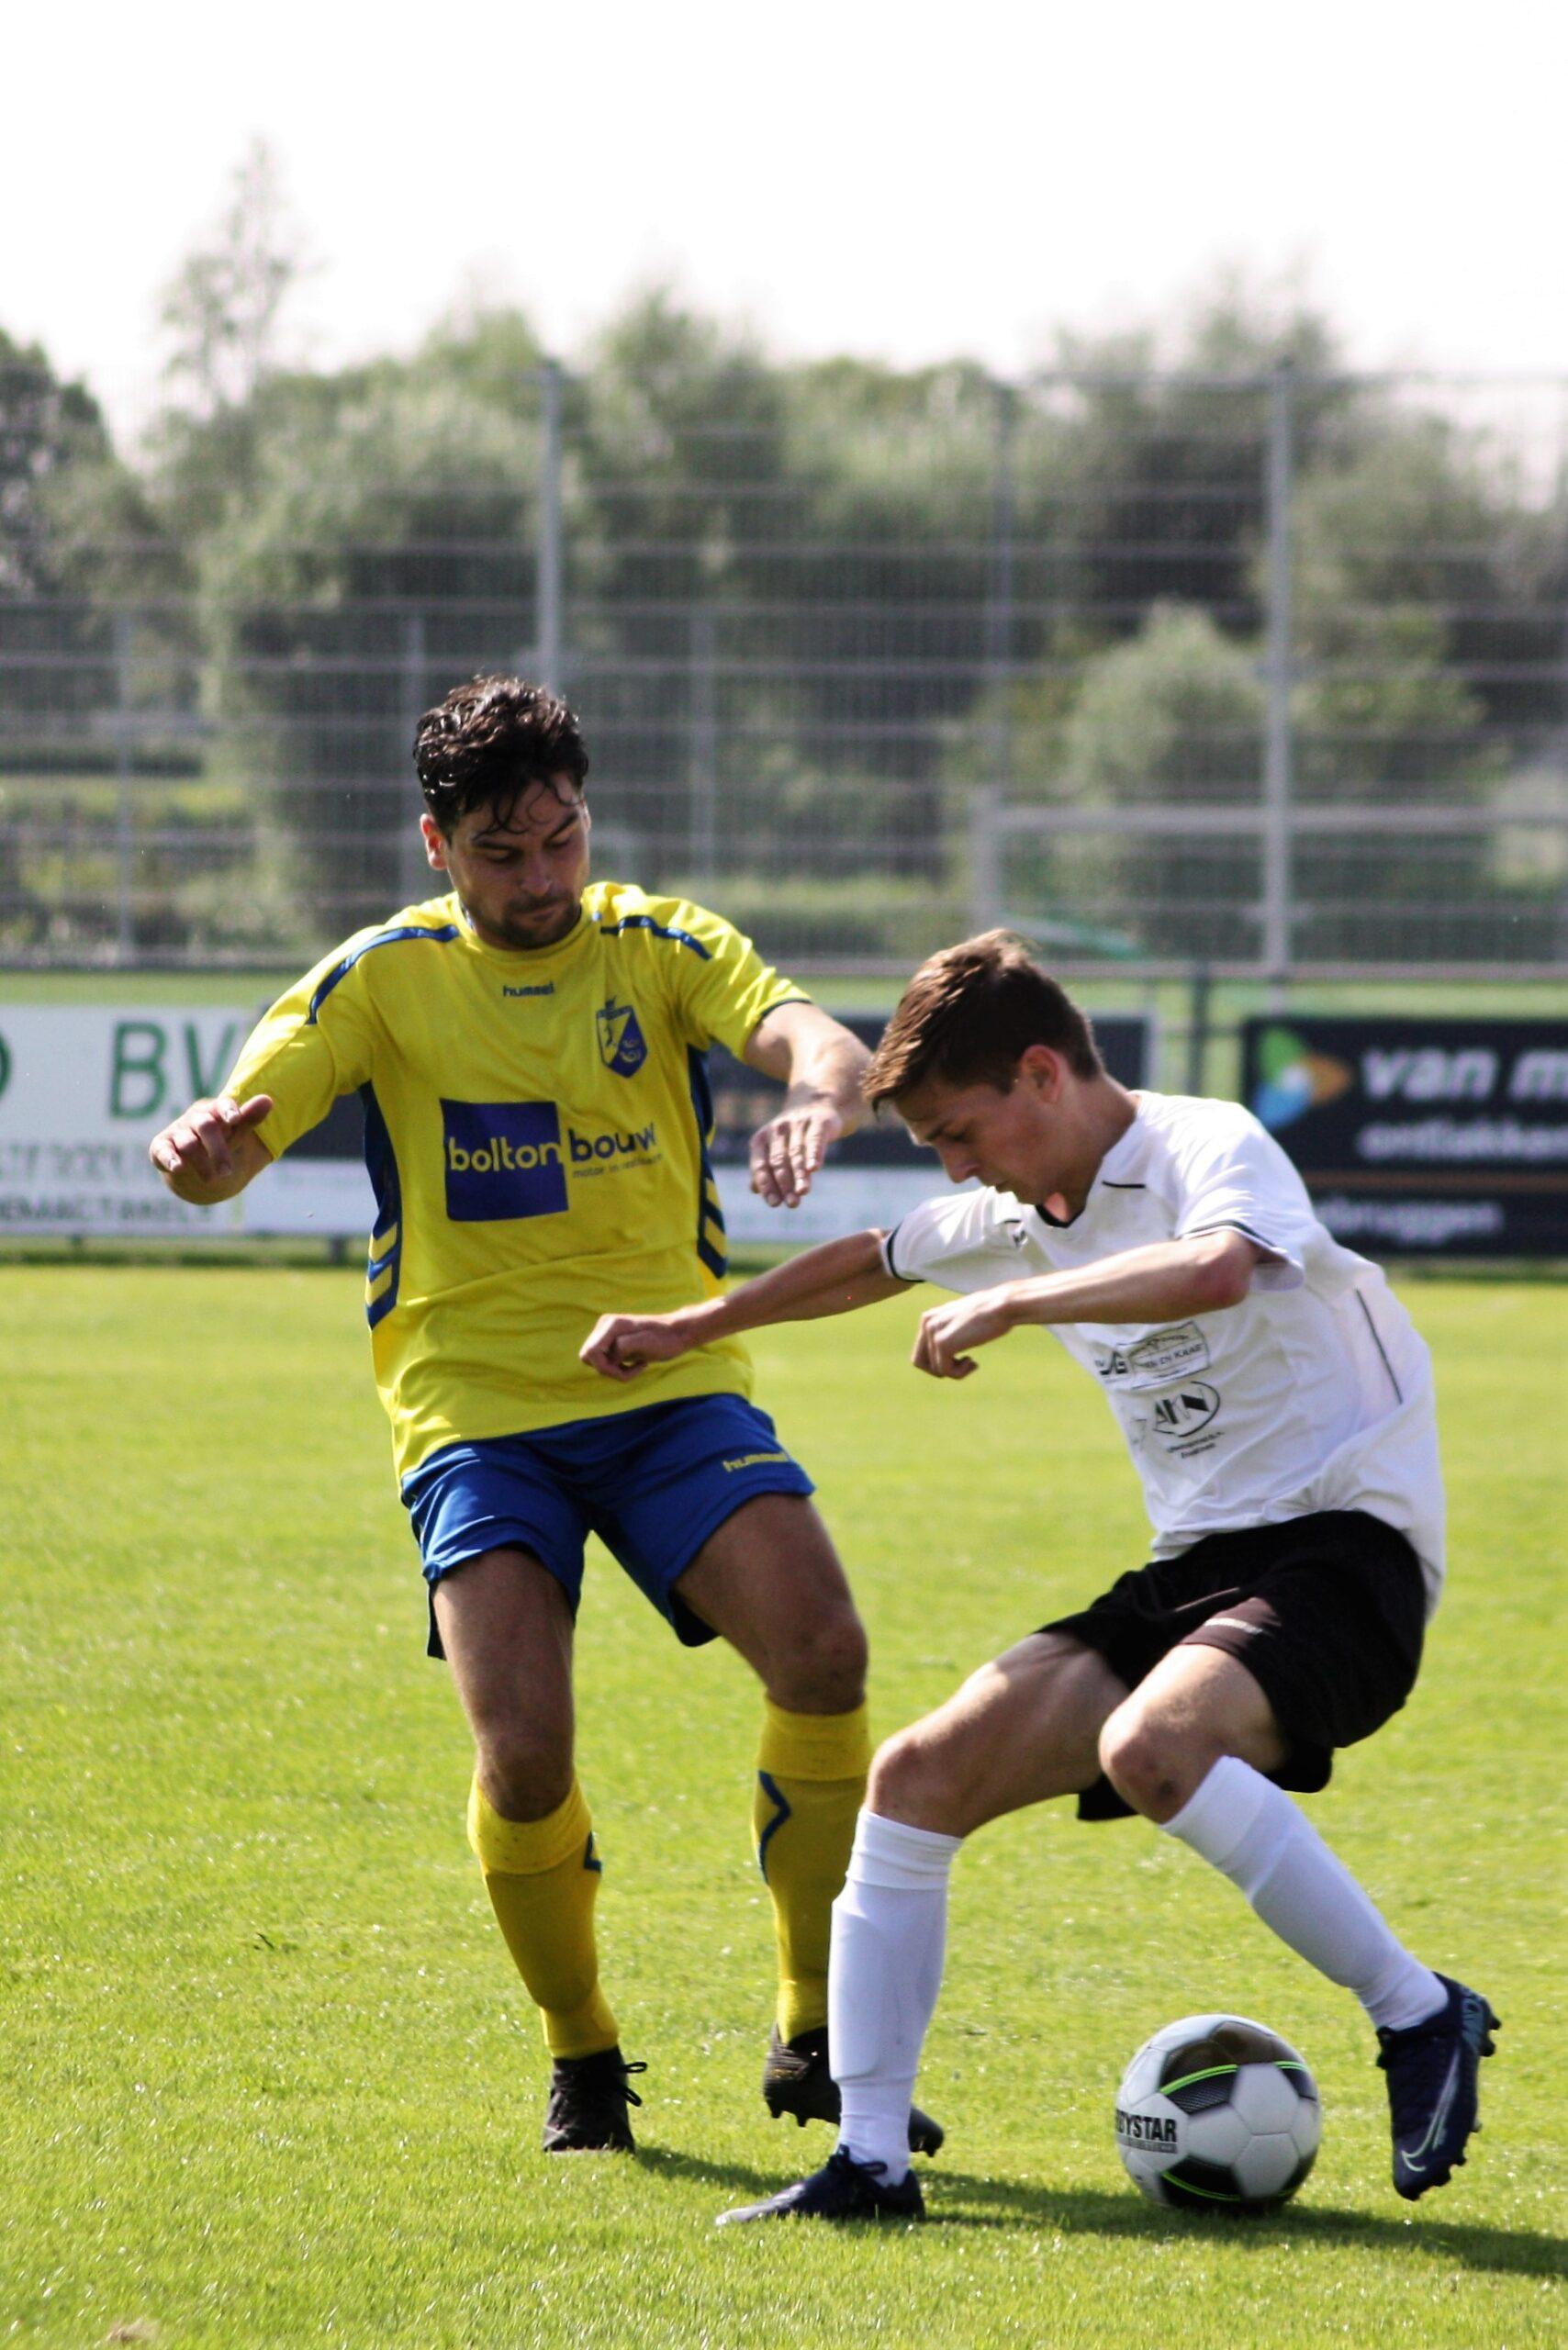 siveo-wds - Gerard van Hooff